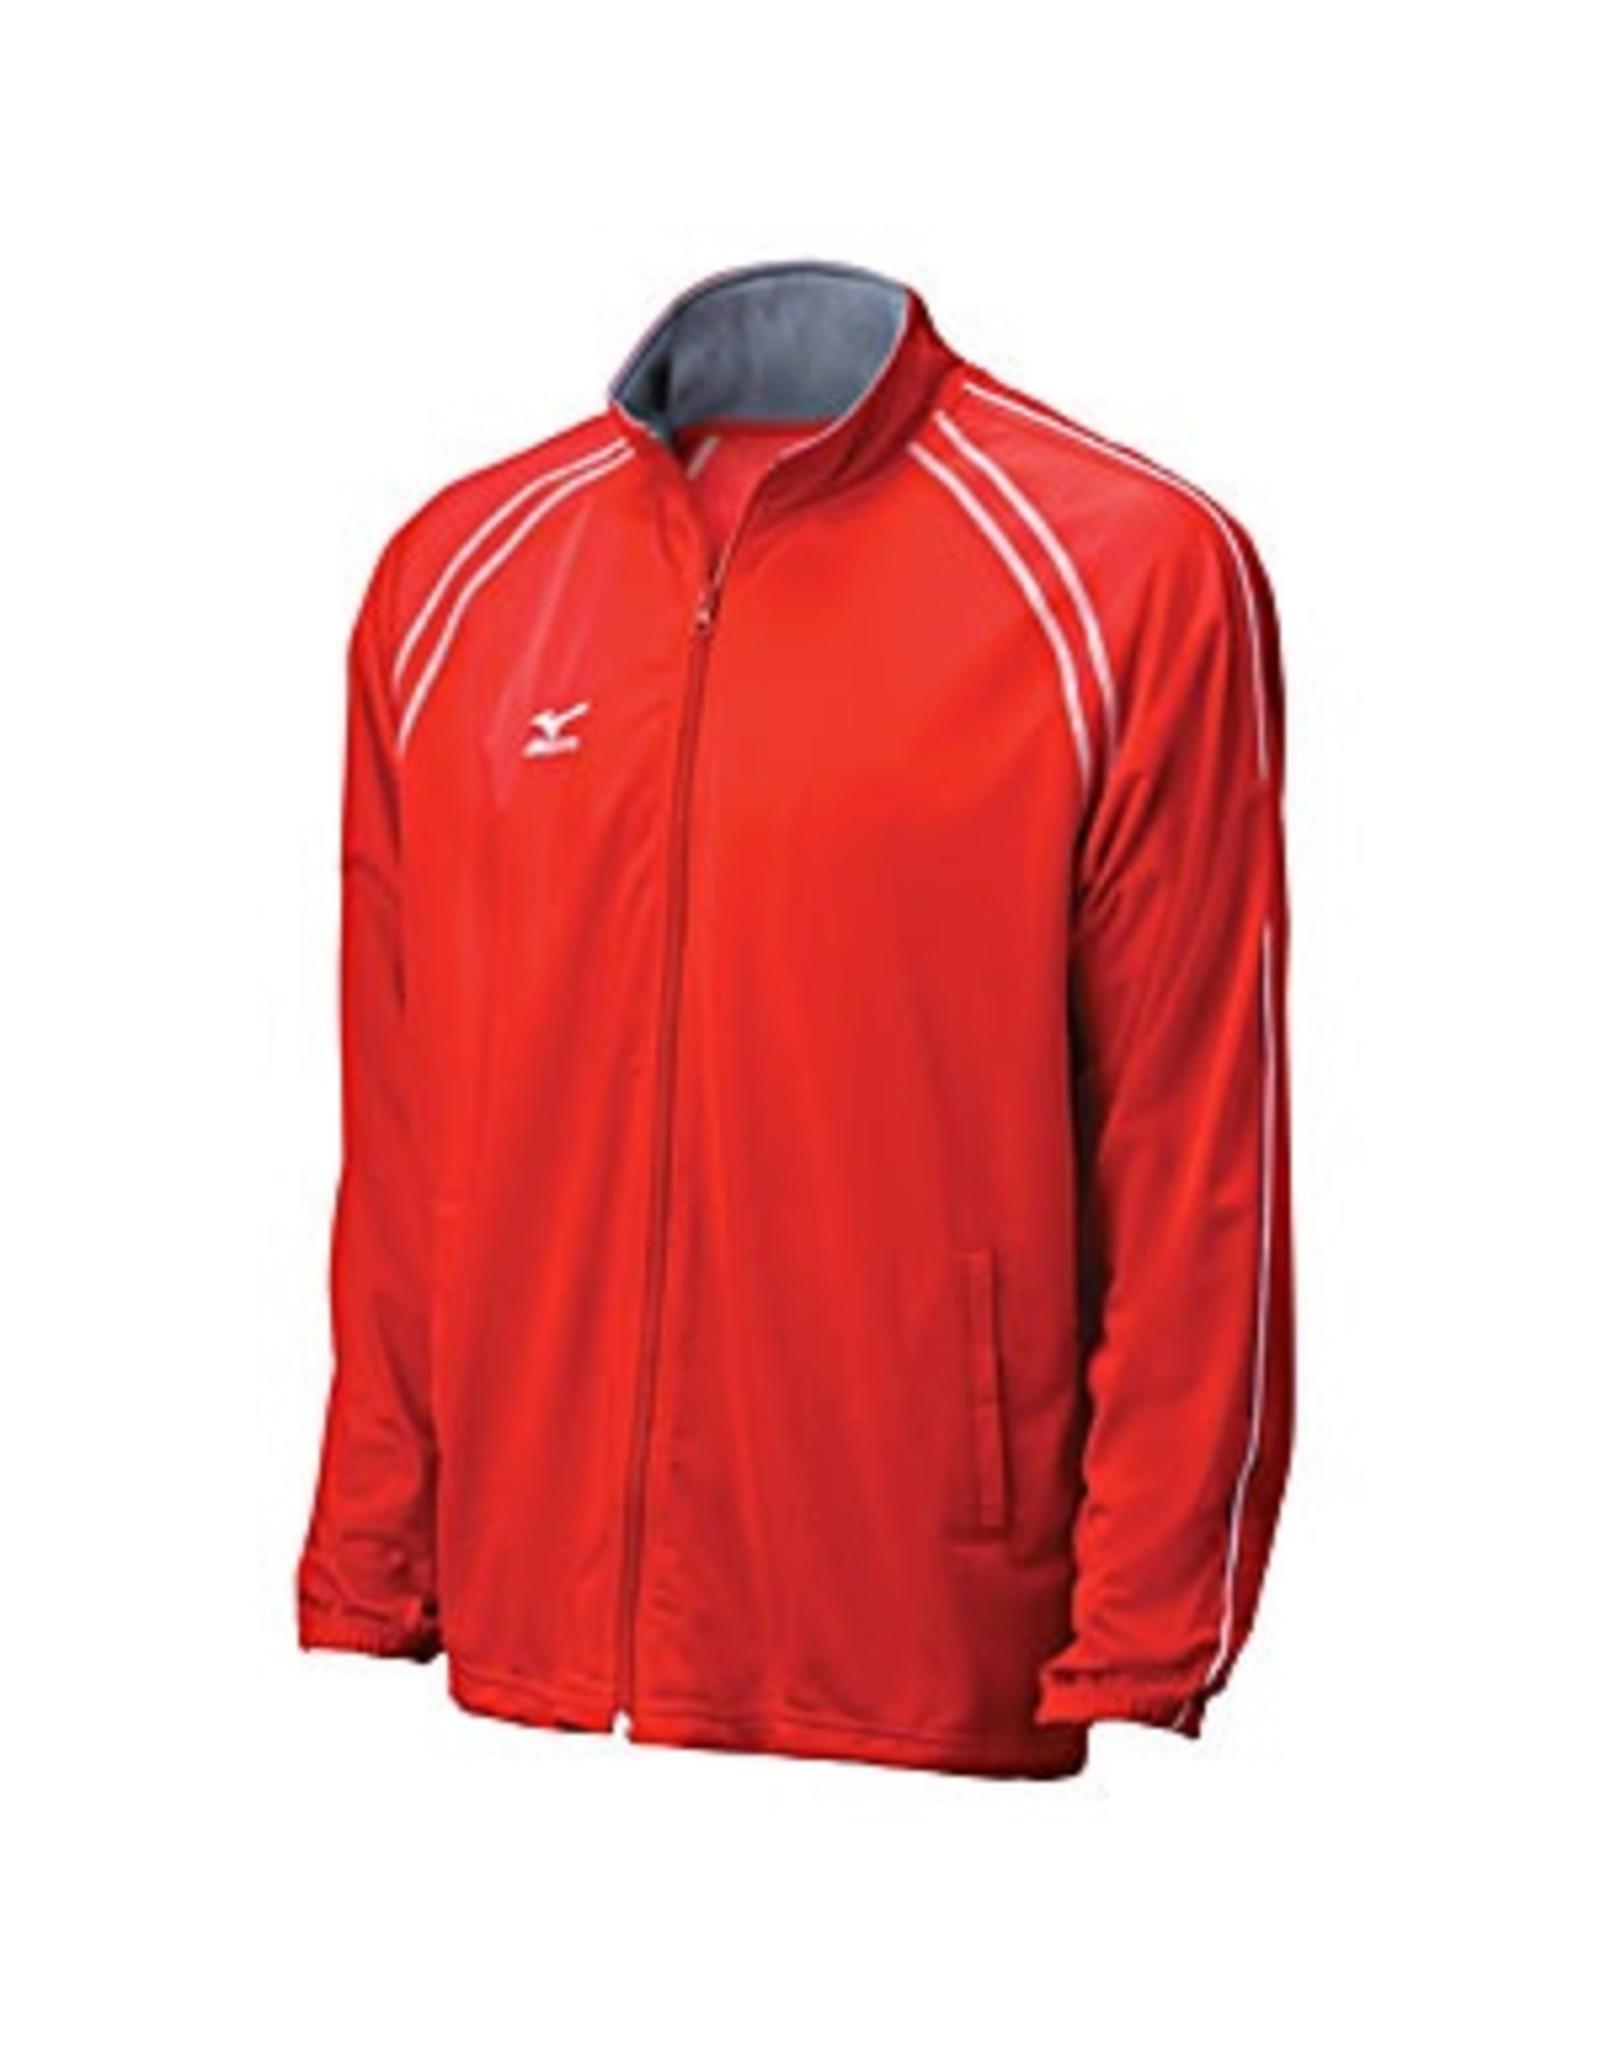 Mizuno Team II Men's Track Jacket Full Zip - Discontinued